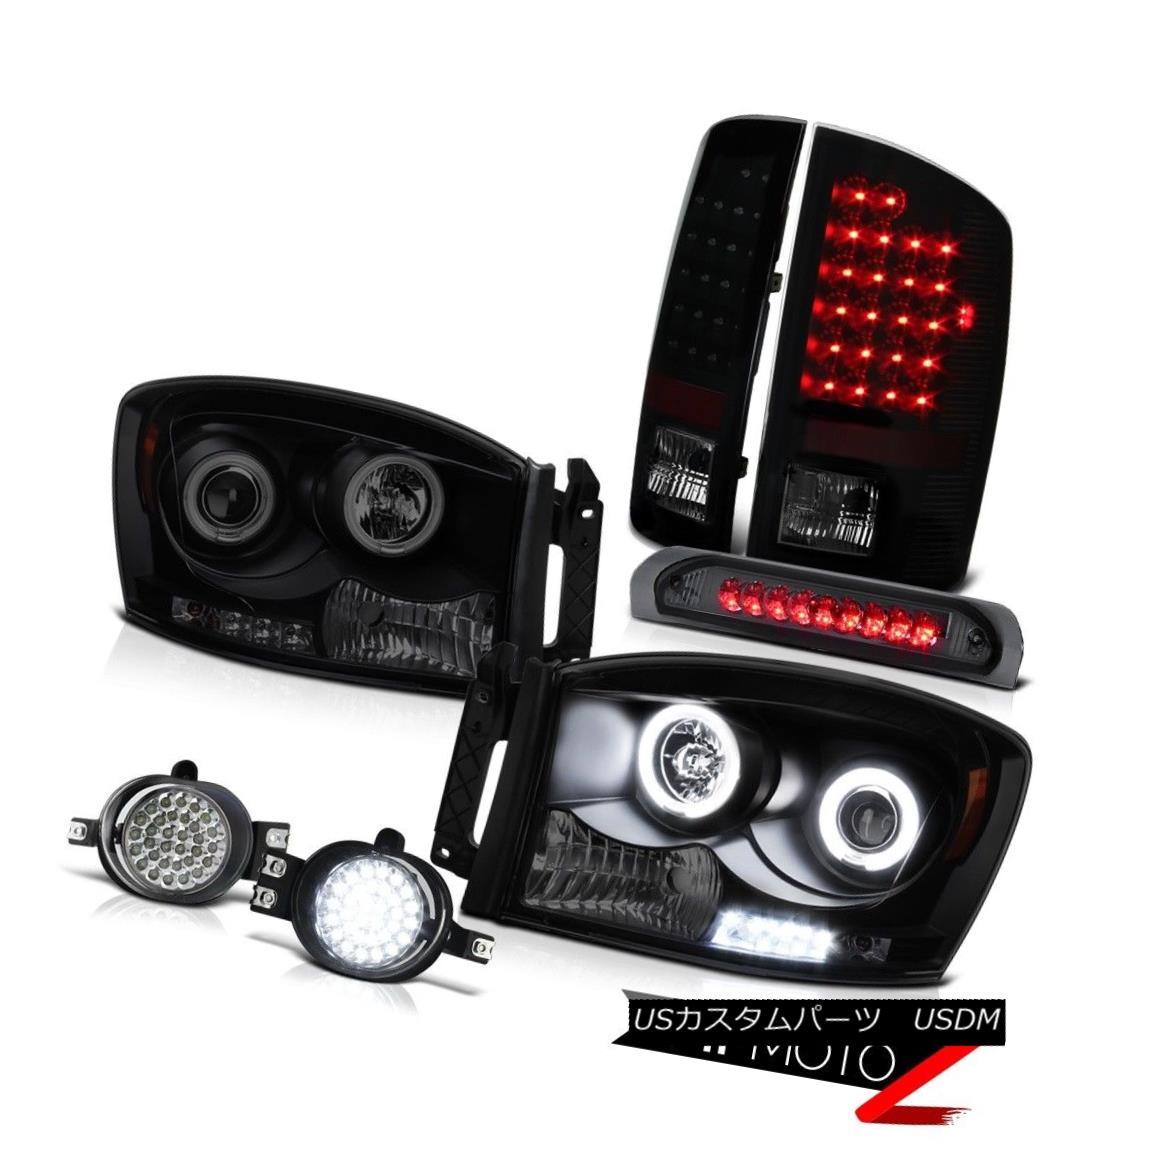 ヘッドライト 06 Dodge Ram SLT Smoke CCFL Angel Eye Headlights LED D.R.L Fog Light Brake Lamps 06 Dodge Ram SLT煙CCFLエンジェルアイヘッドライトLED D.R.Lフォグライトブレーキランプ